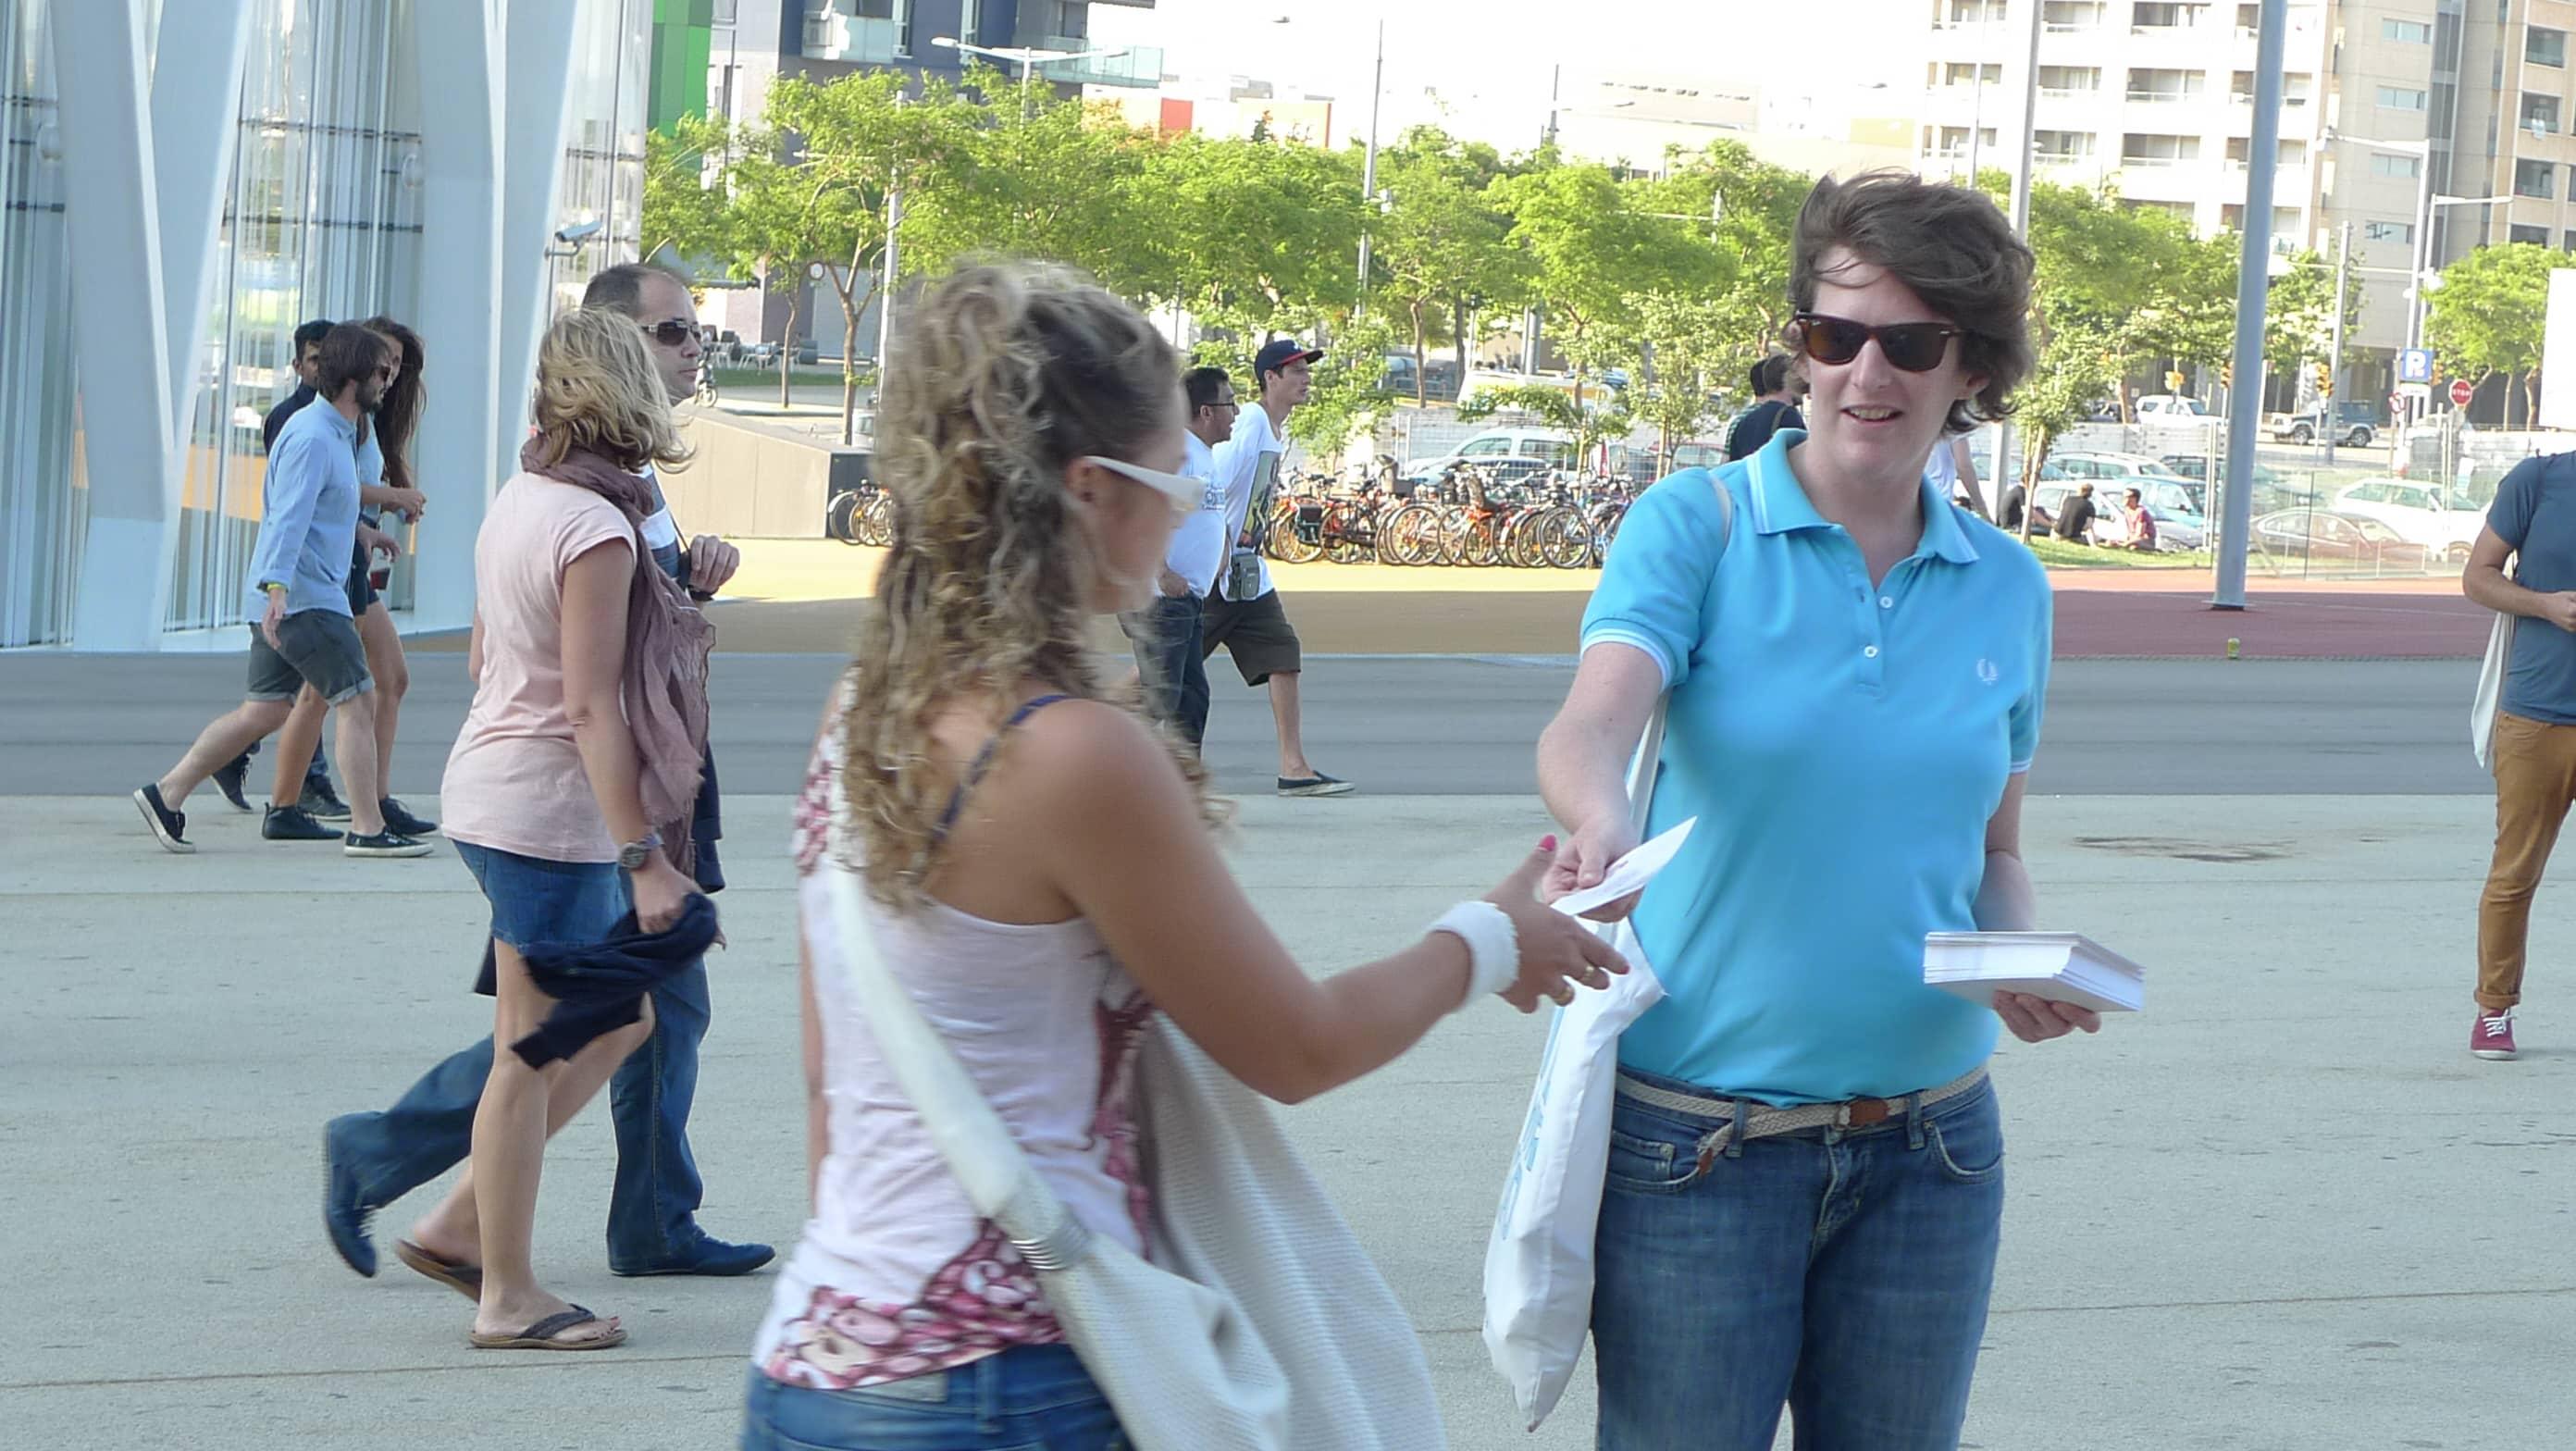 Persona repartiendo publicidad a personas en la calle